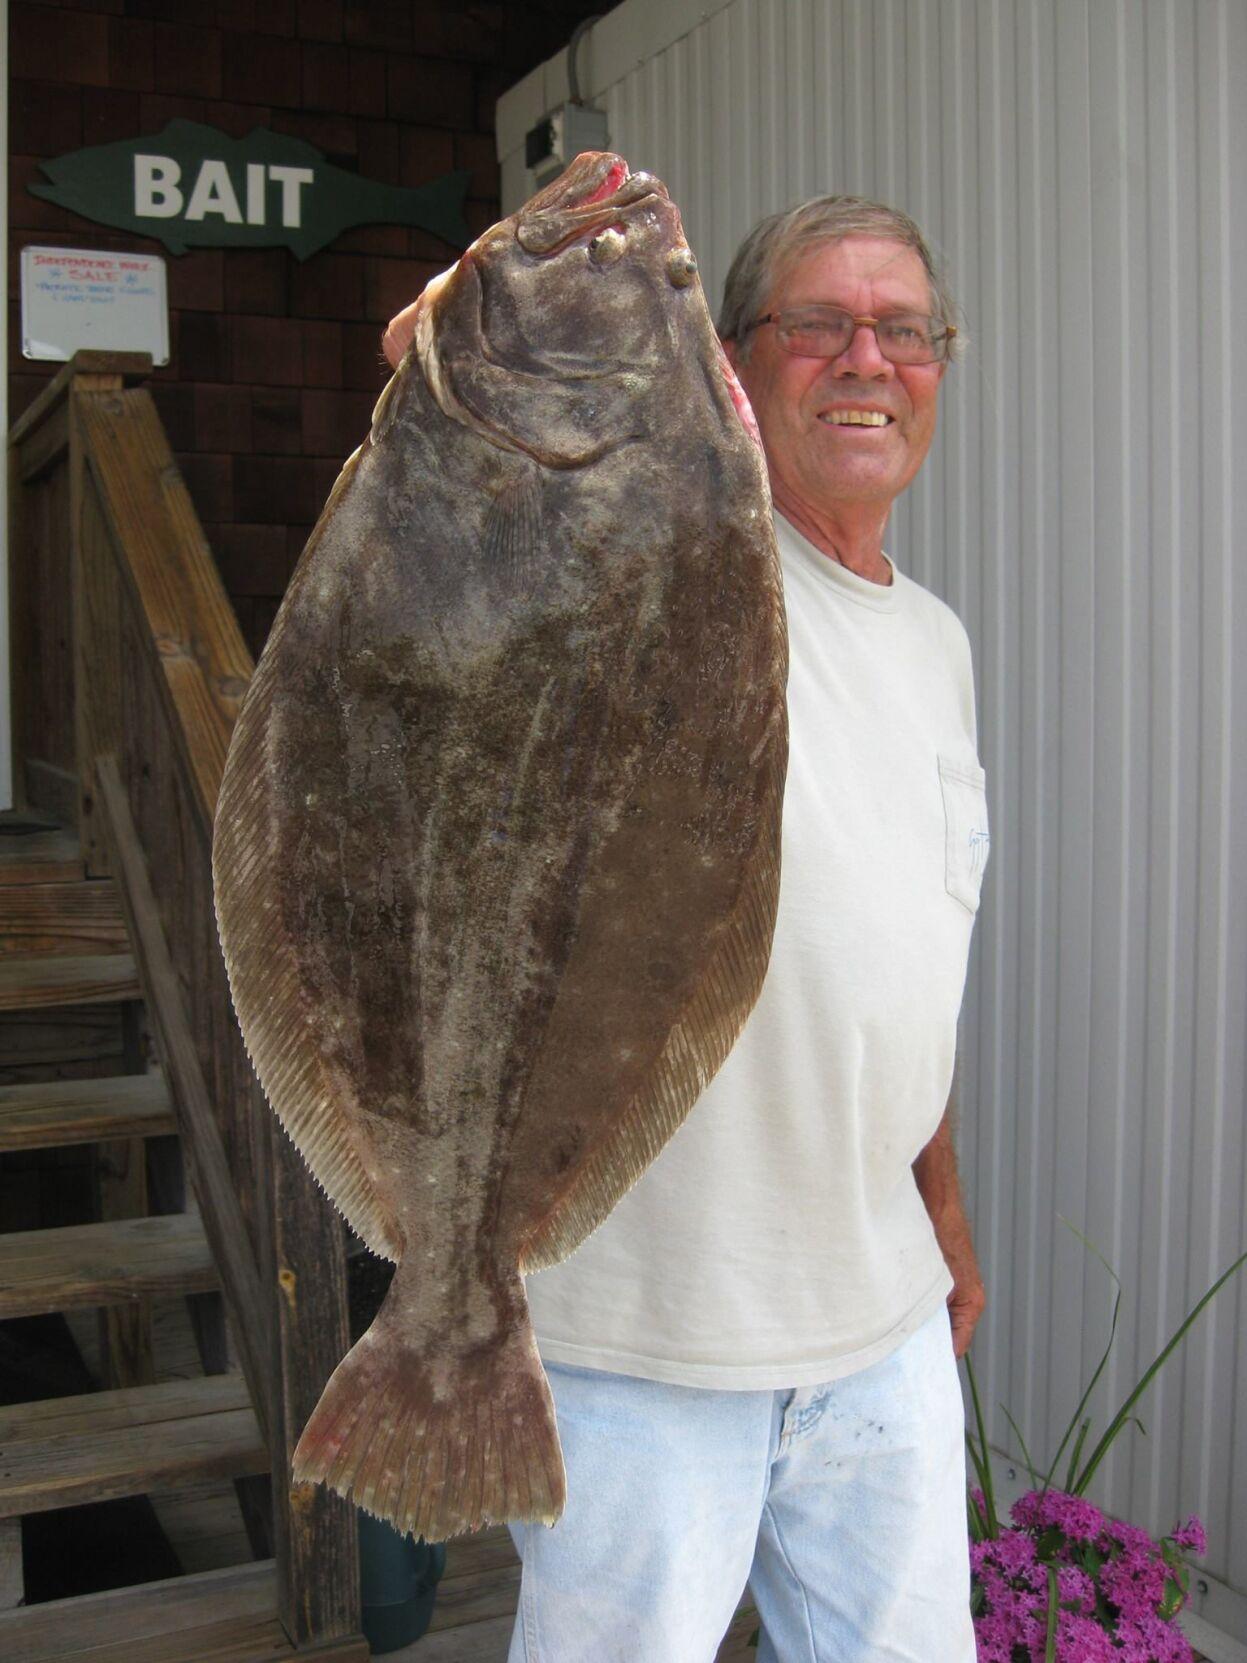 Vince Keagy fish